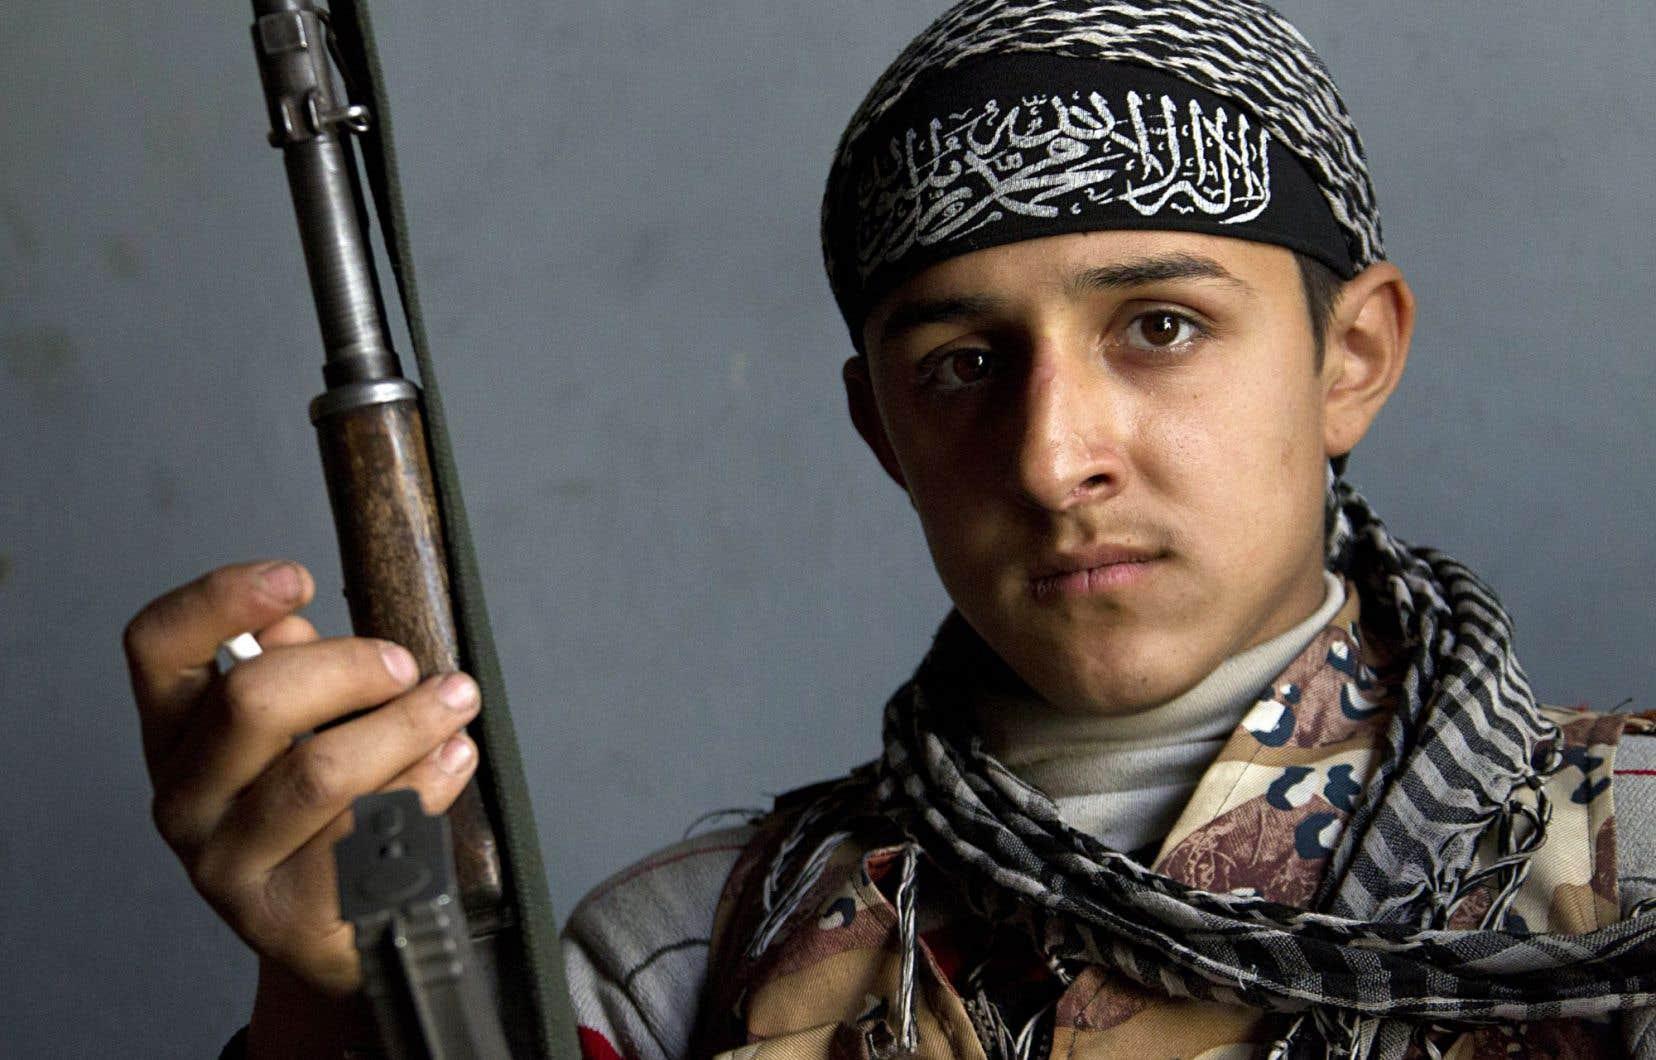 Comment expliquer la vague d'enrôlements chez les jeunes dans des groupes djihadistes?